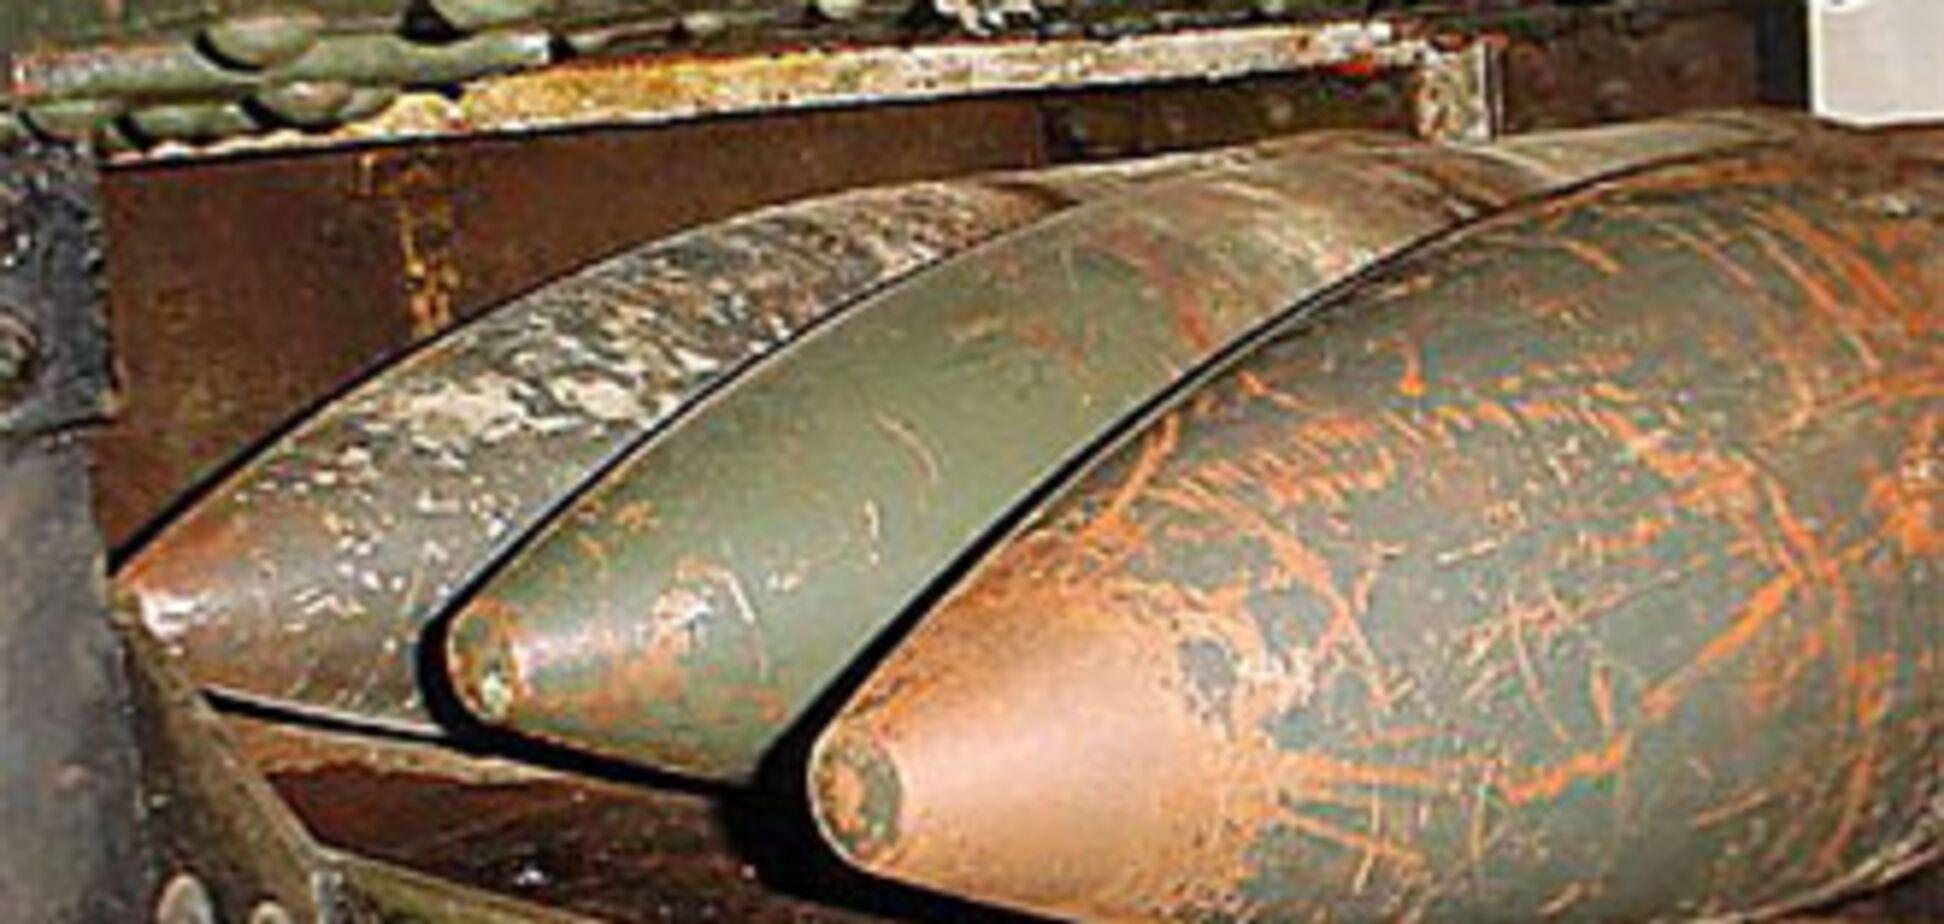 На звалищі знайшли 700 снарядів і гексоген